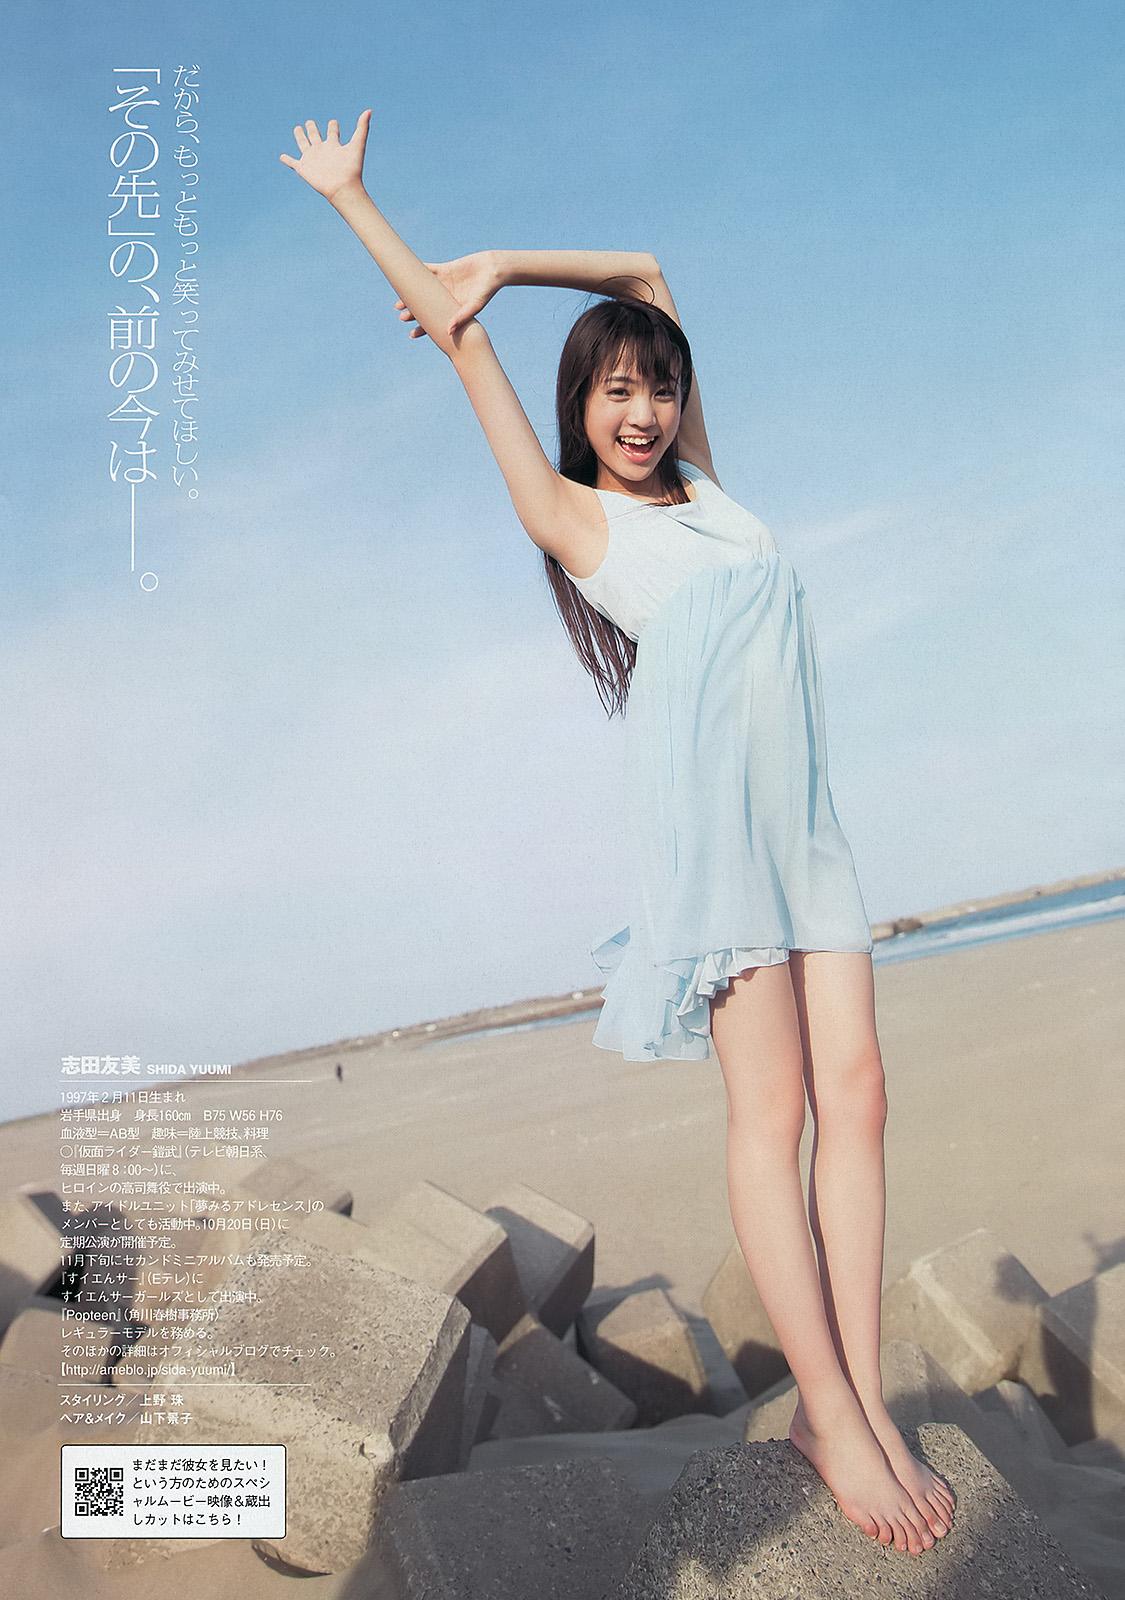 志田未来さんの水着